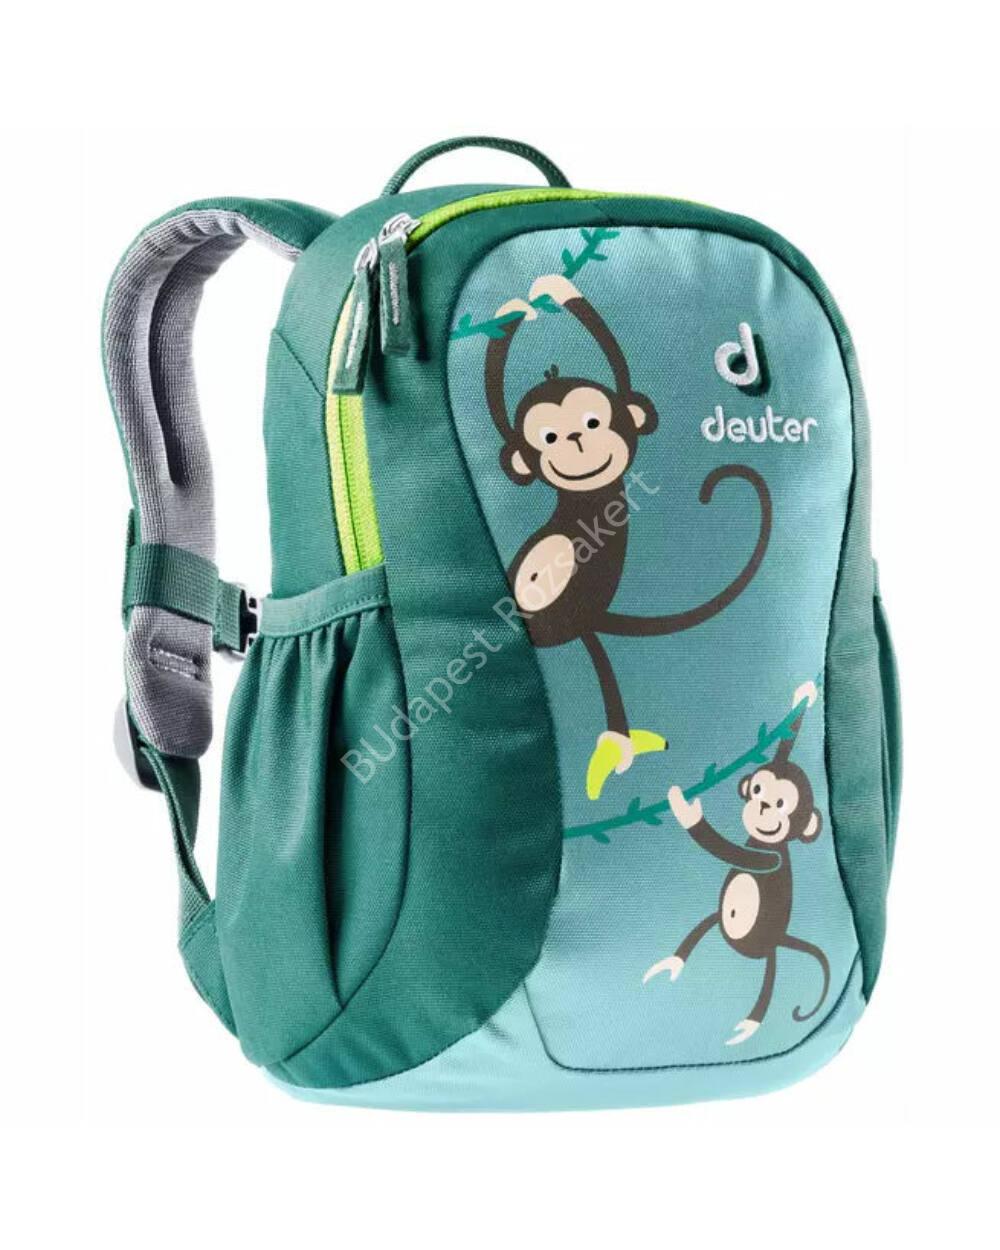 Deuter Pico dustblue-alpinegreen gyerek hátizsák 5L